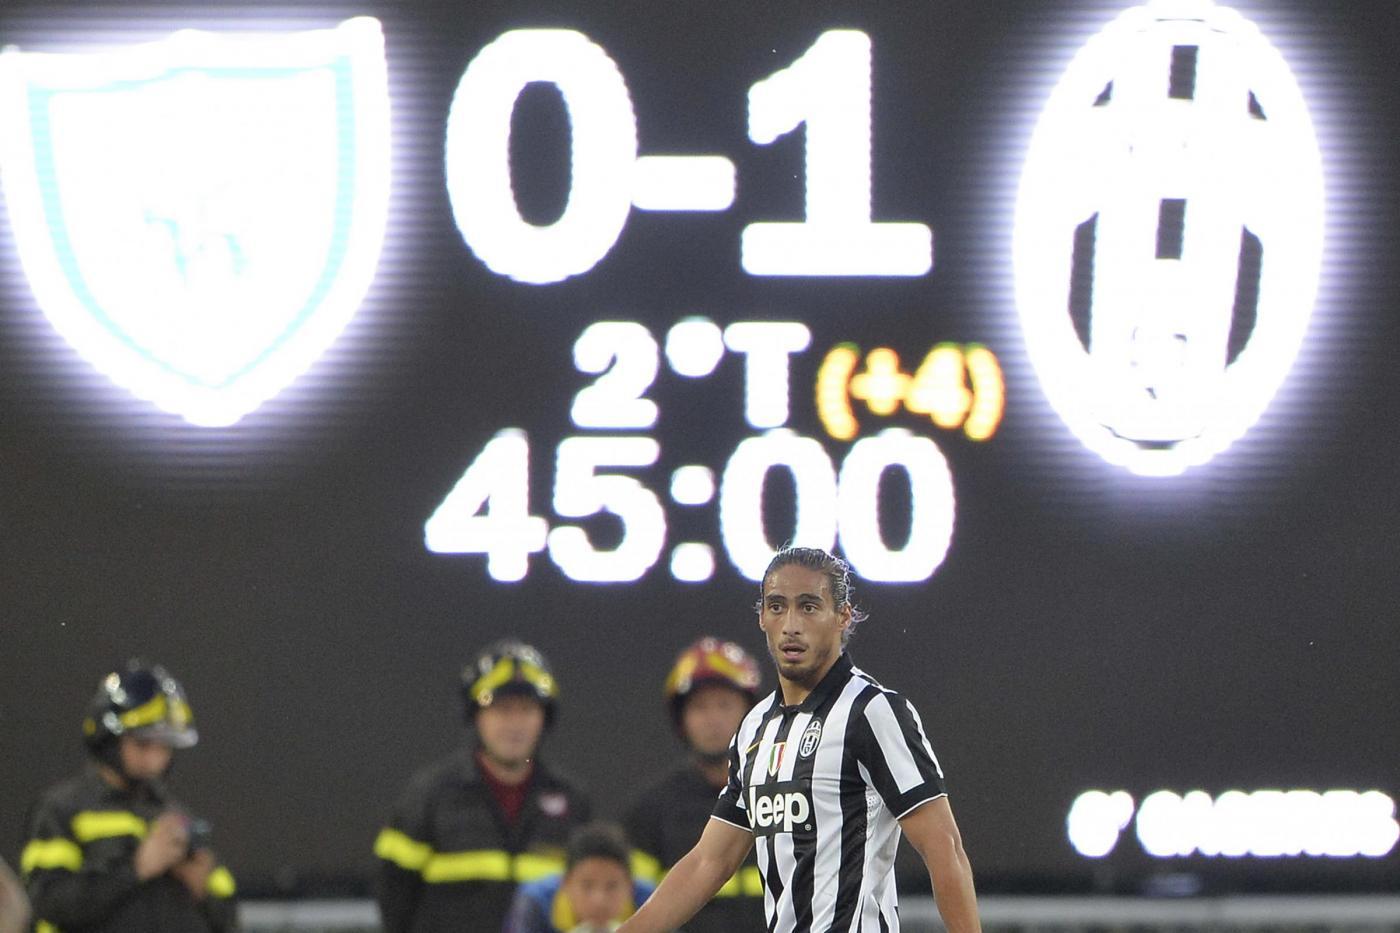 Classifica Serie A 201415